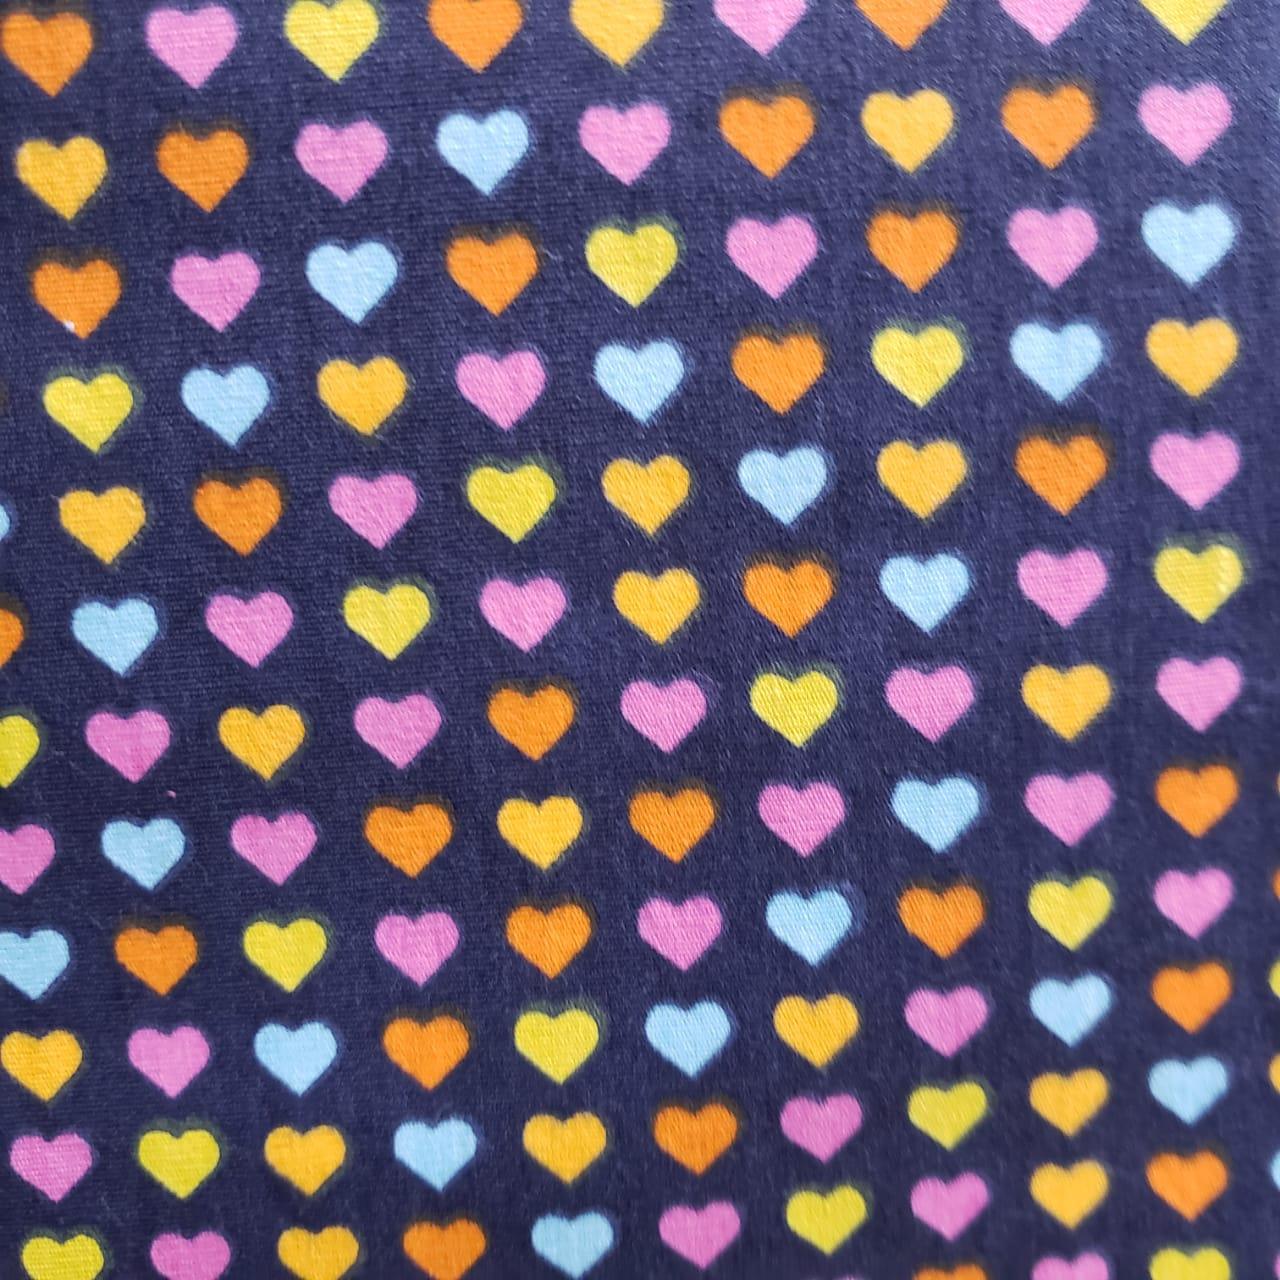 Corações Coloridos Fundo Marinho Of